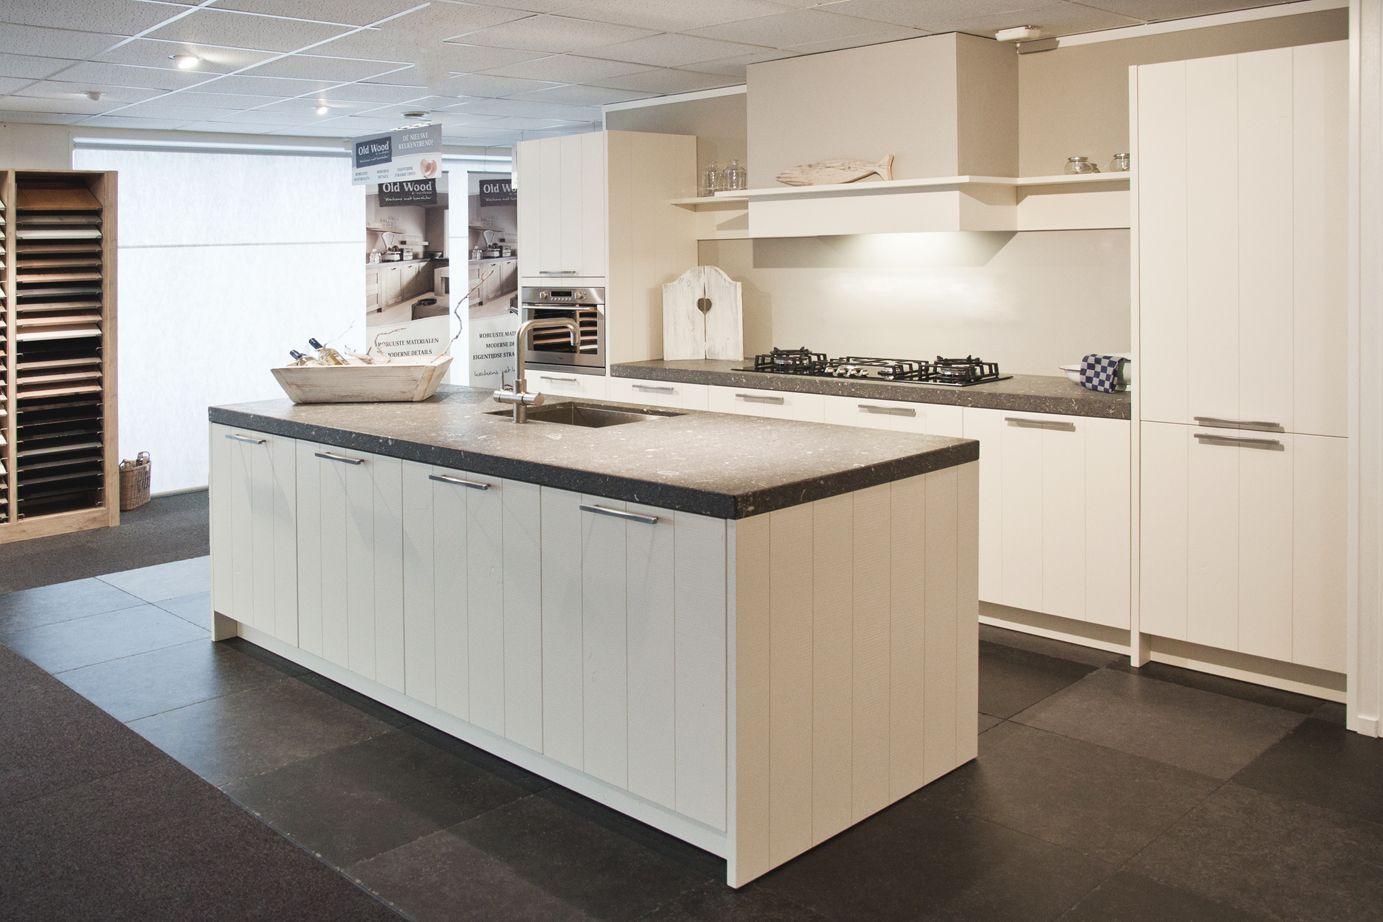 Brugmans Keukens Keukenmeubel : Old wood keuken veel lakkleuren zijn hier mogelijk db keukens